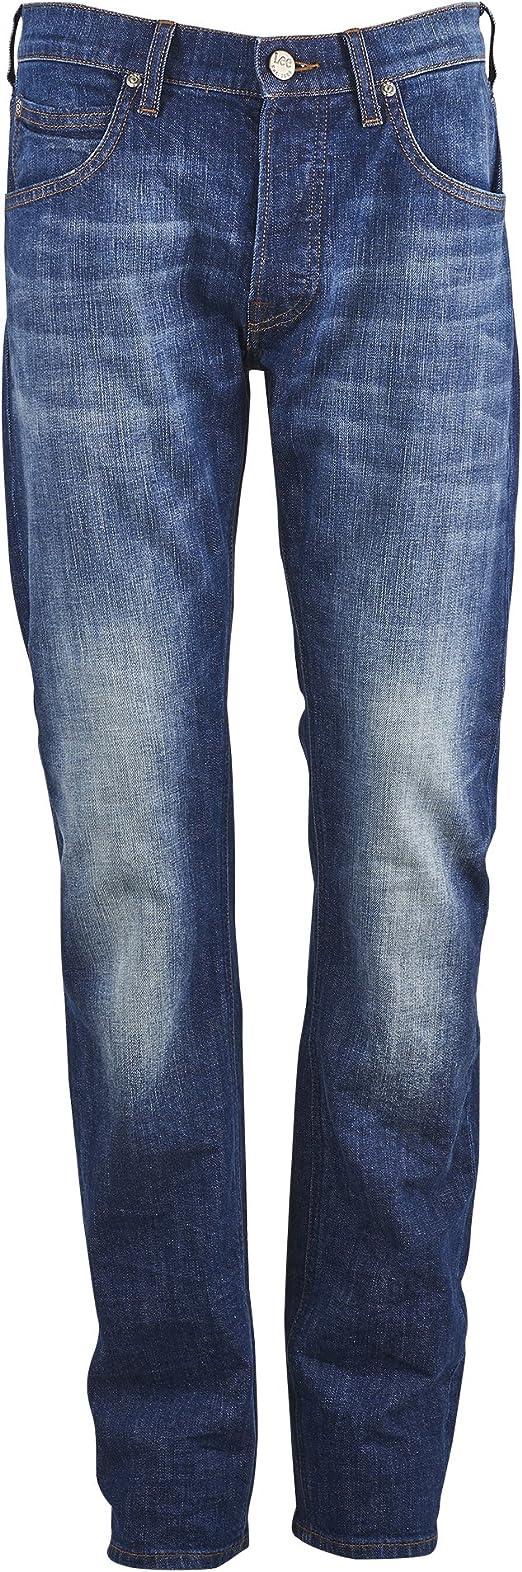 TALLA 30W / 30L. Lee Daren Jeans para Hombre